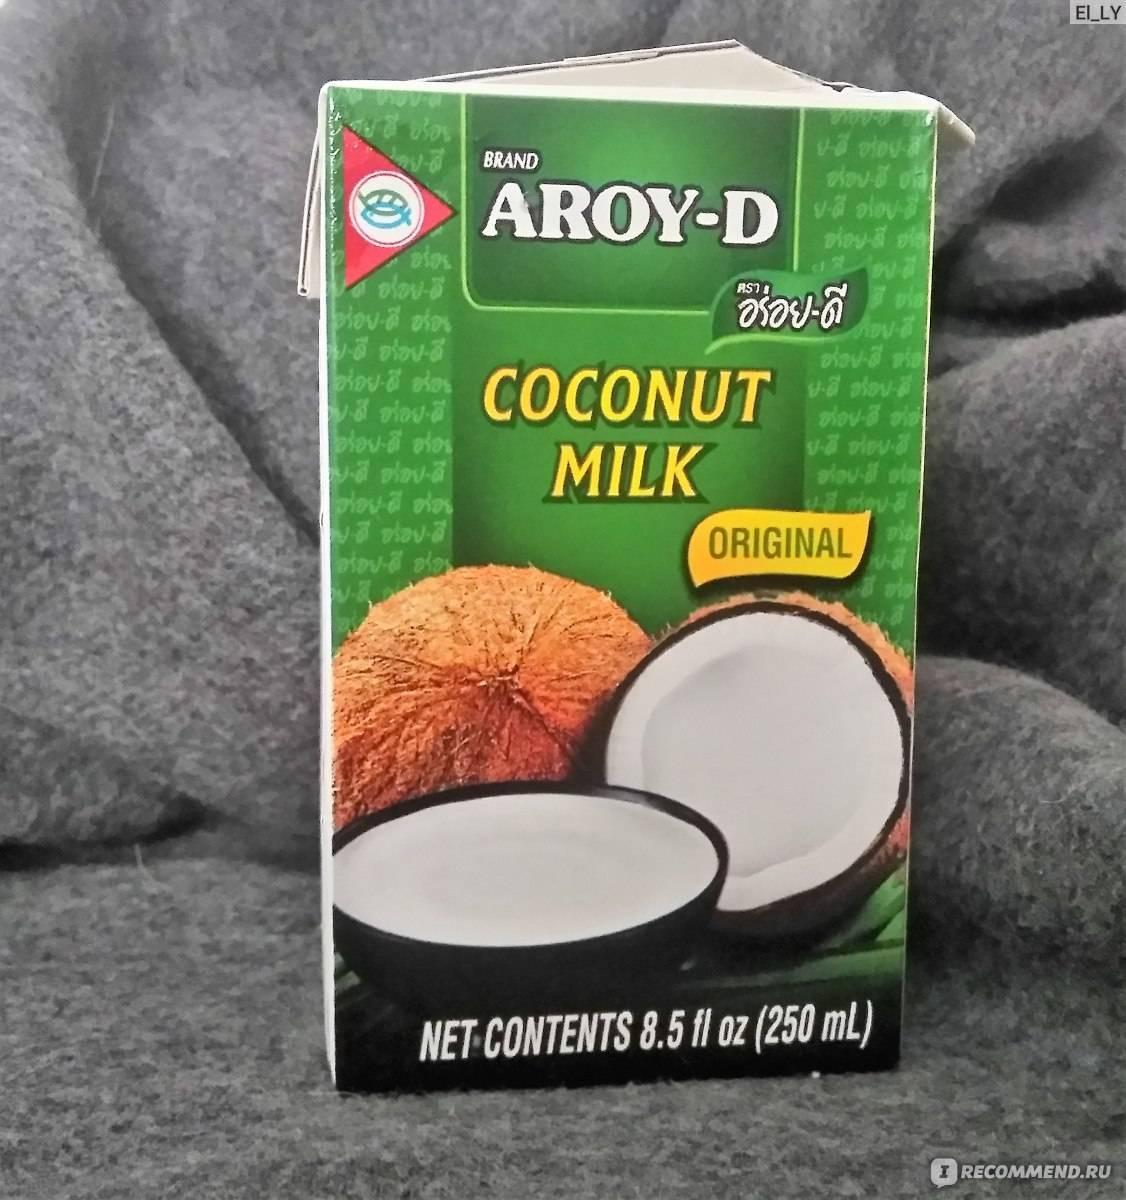 Кокосовое молоко: полезные свойства и противопоказания, состав, рецепты